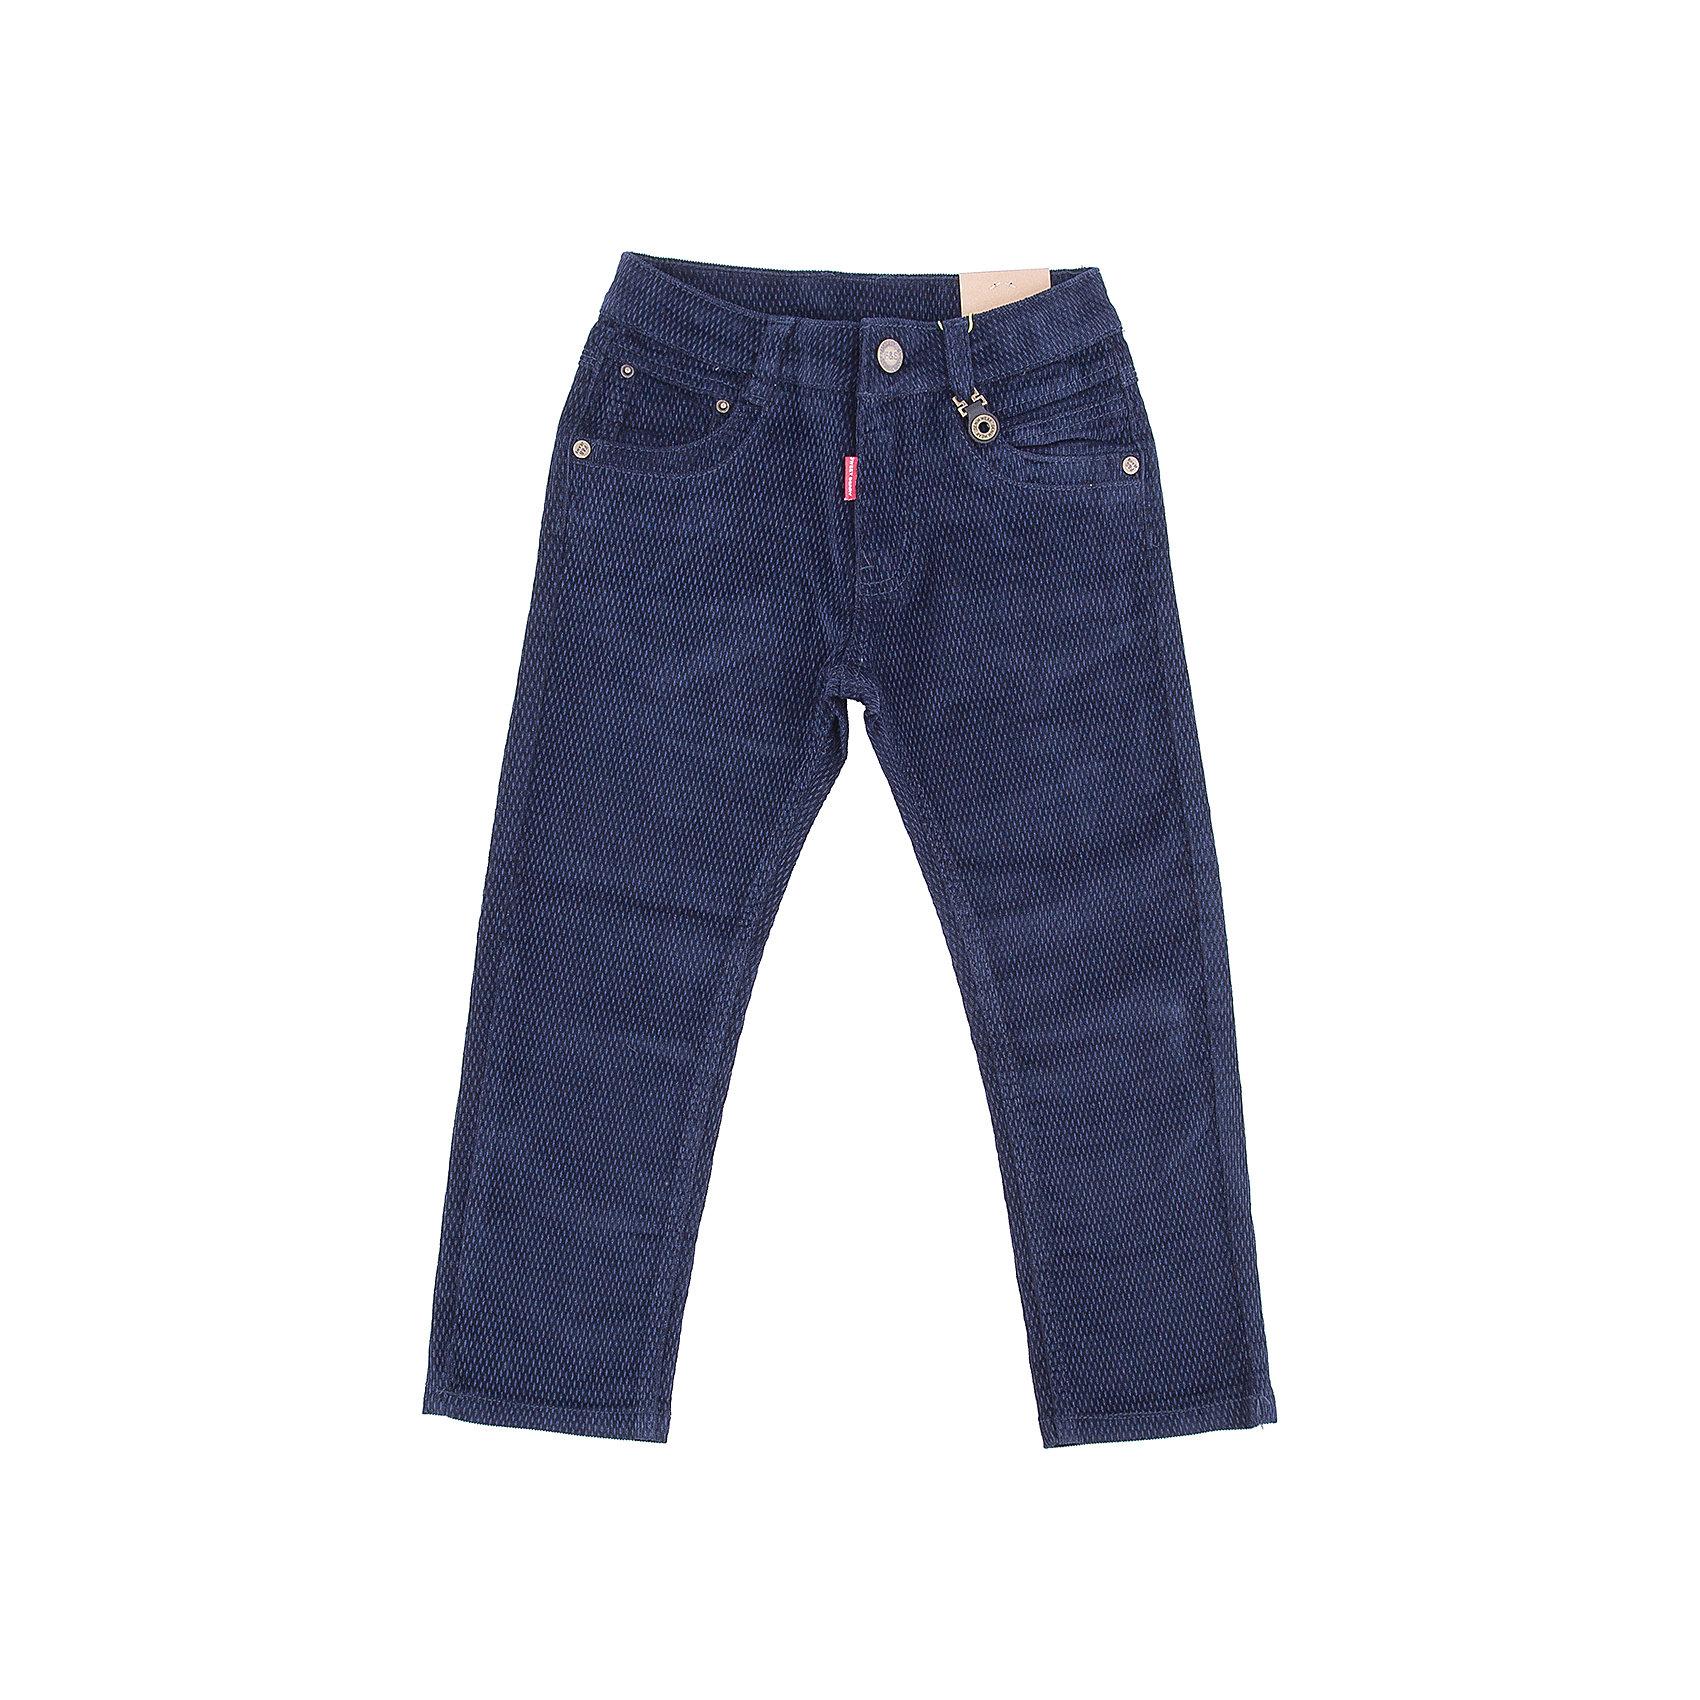 Брюки Sweet Berry для мальчикаБрюки<br>Брюки Sweet Berry для мальчика<br>Стильные вельветовые брюки для мальчика. Прямой крой, средняя посадка. Шлевки на поясе рассчитаны под ремень. В боковой части пояса находятся вшитые эластичные ленты, регулирующие посадку по талии. Средняя посадка.<br>Состав:<br>98% хлопок, 2% спандекс<br><br>Ширина мм: 215<br>Глубина мм: 88<br>Высота мм: 191<br>Вес г: 336<br>Цвет: синий<br>Возраст от месяцев: 84<br>Возраст до месяцев: 96<br>Пол: Мужской<br>Возраст: Детский<br>Размер: 128,98,104,110,116,122<br>SKU: 7094952